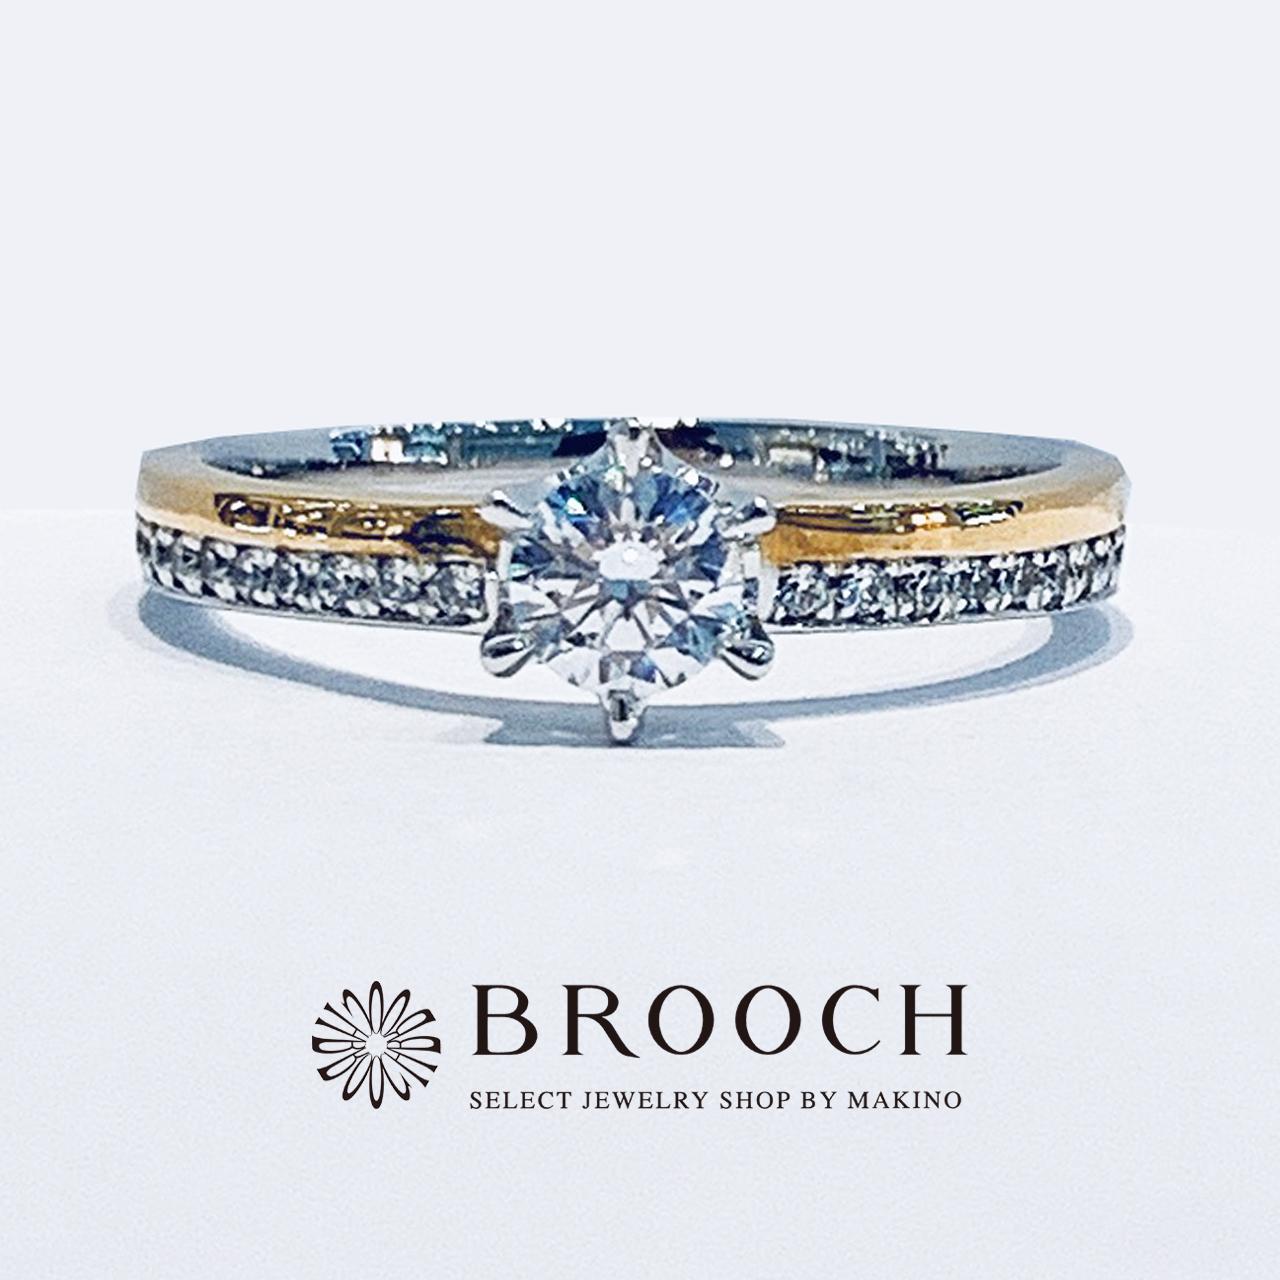 BROOCH 婚約指輪 エンゲージリング 2色コンビデザイン